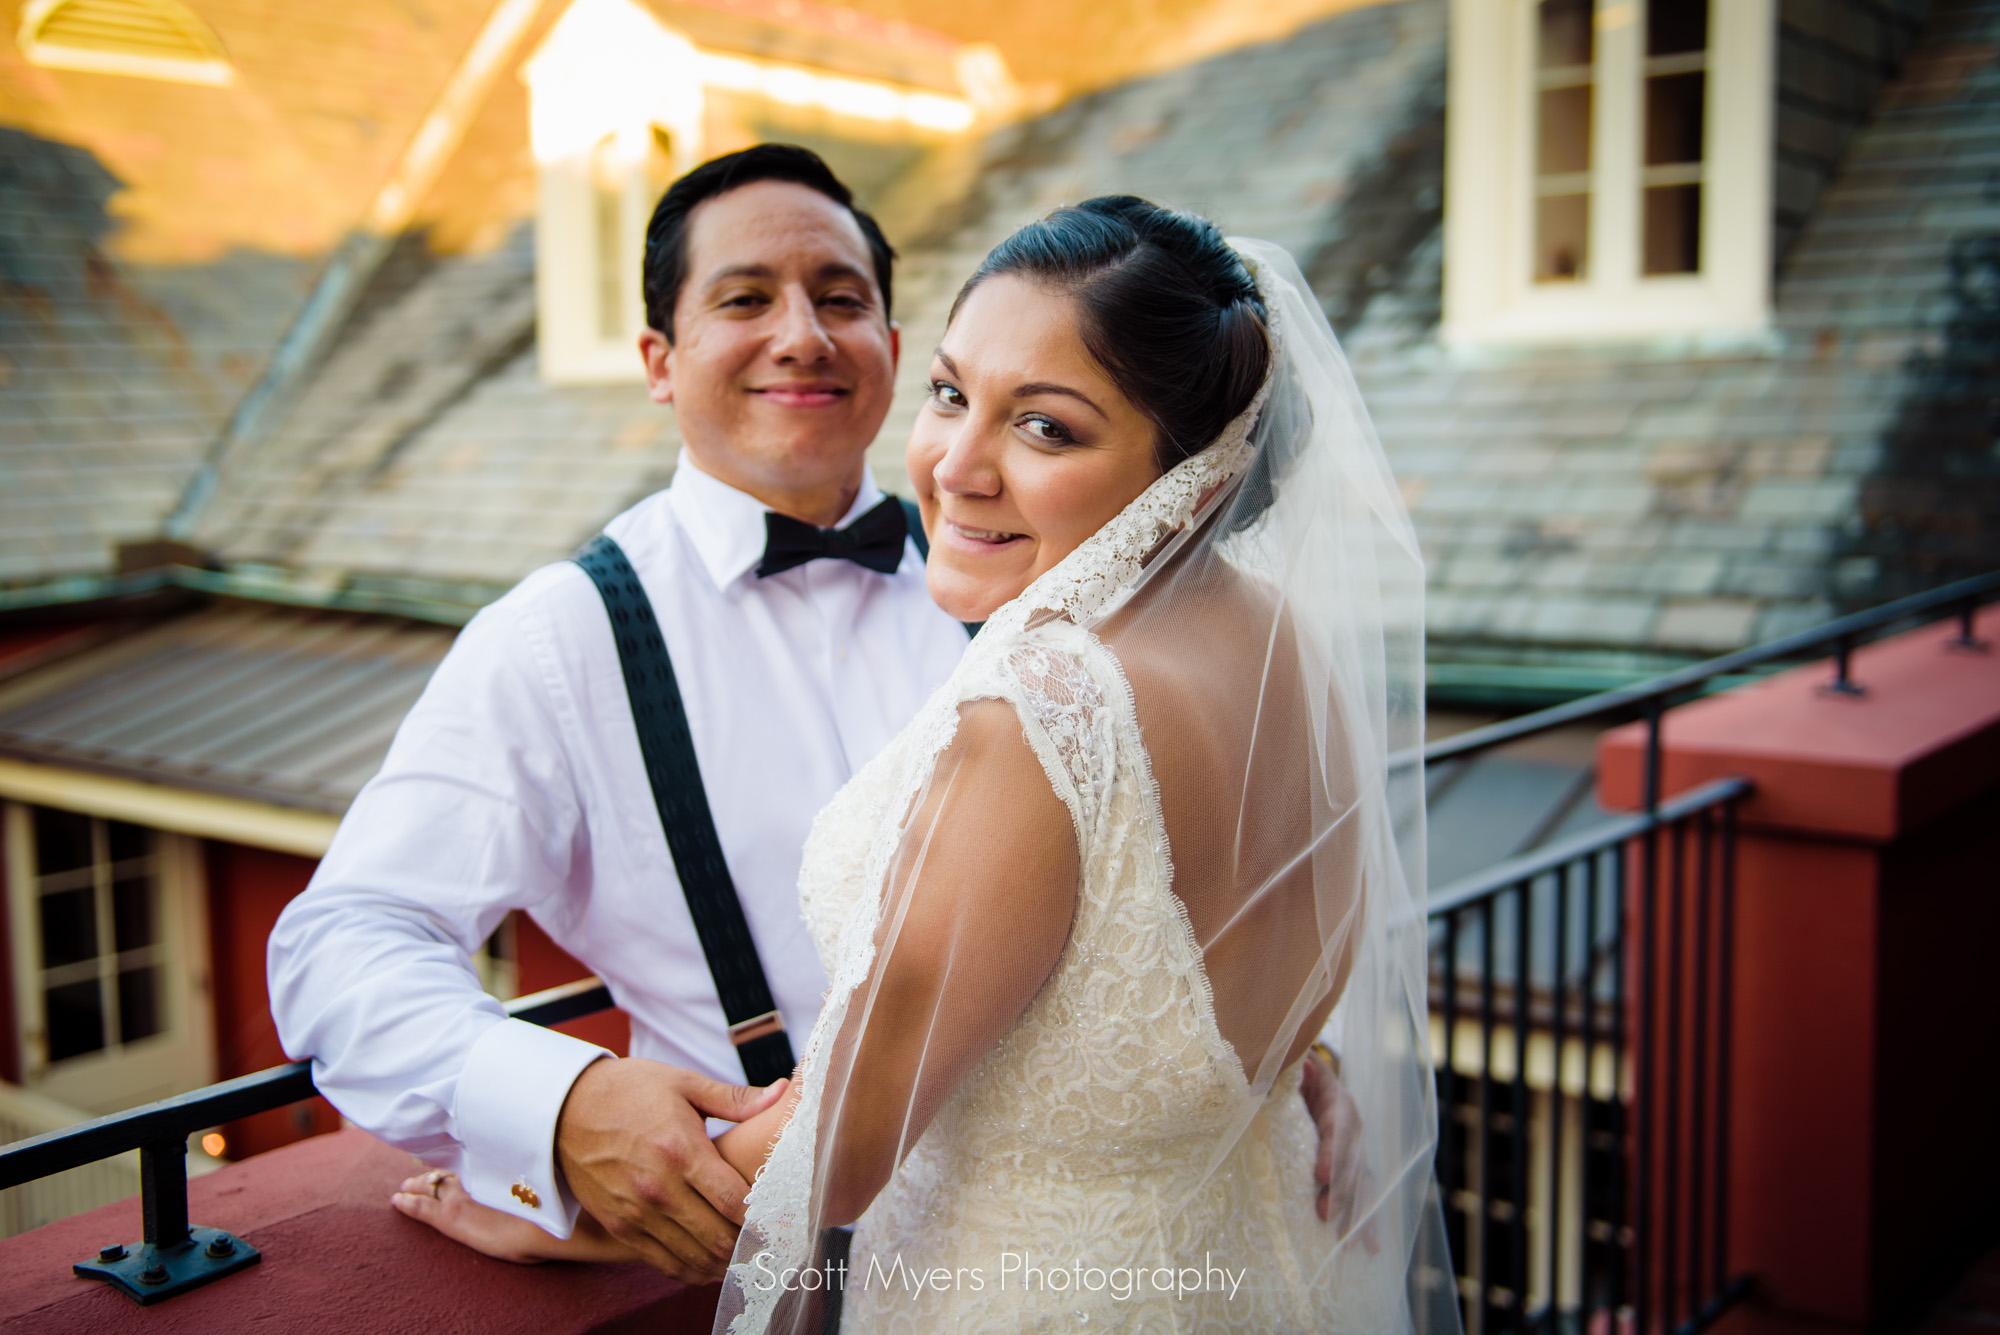 Scott_Myers_Wedding_New_Orleans_054.jpg